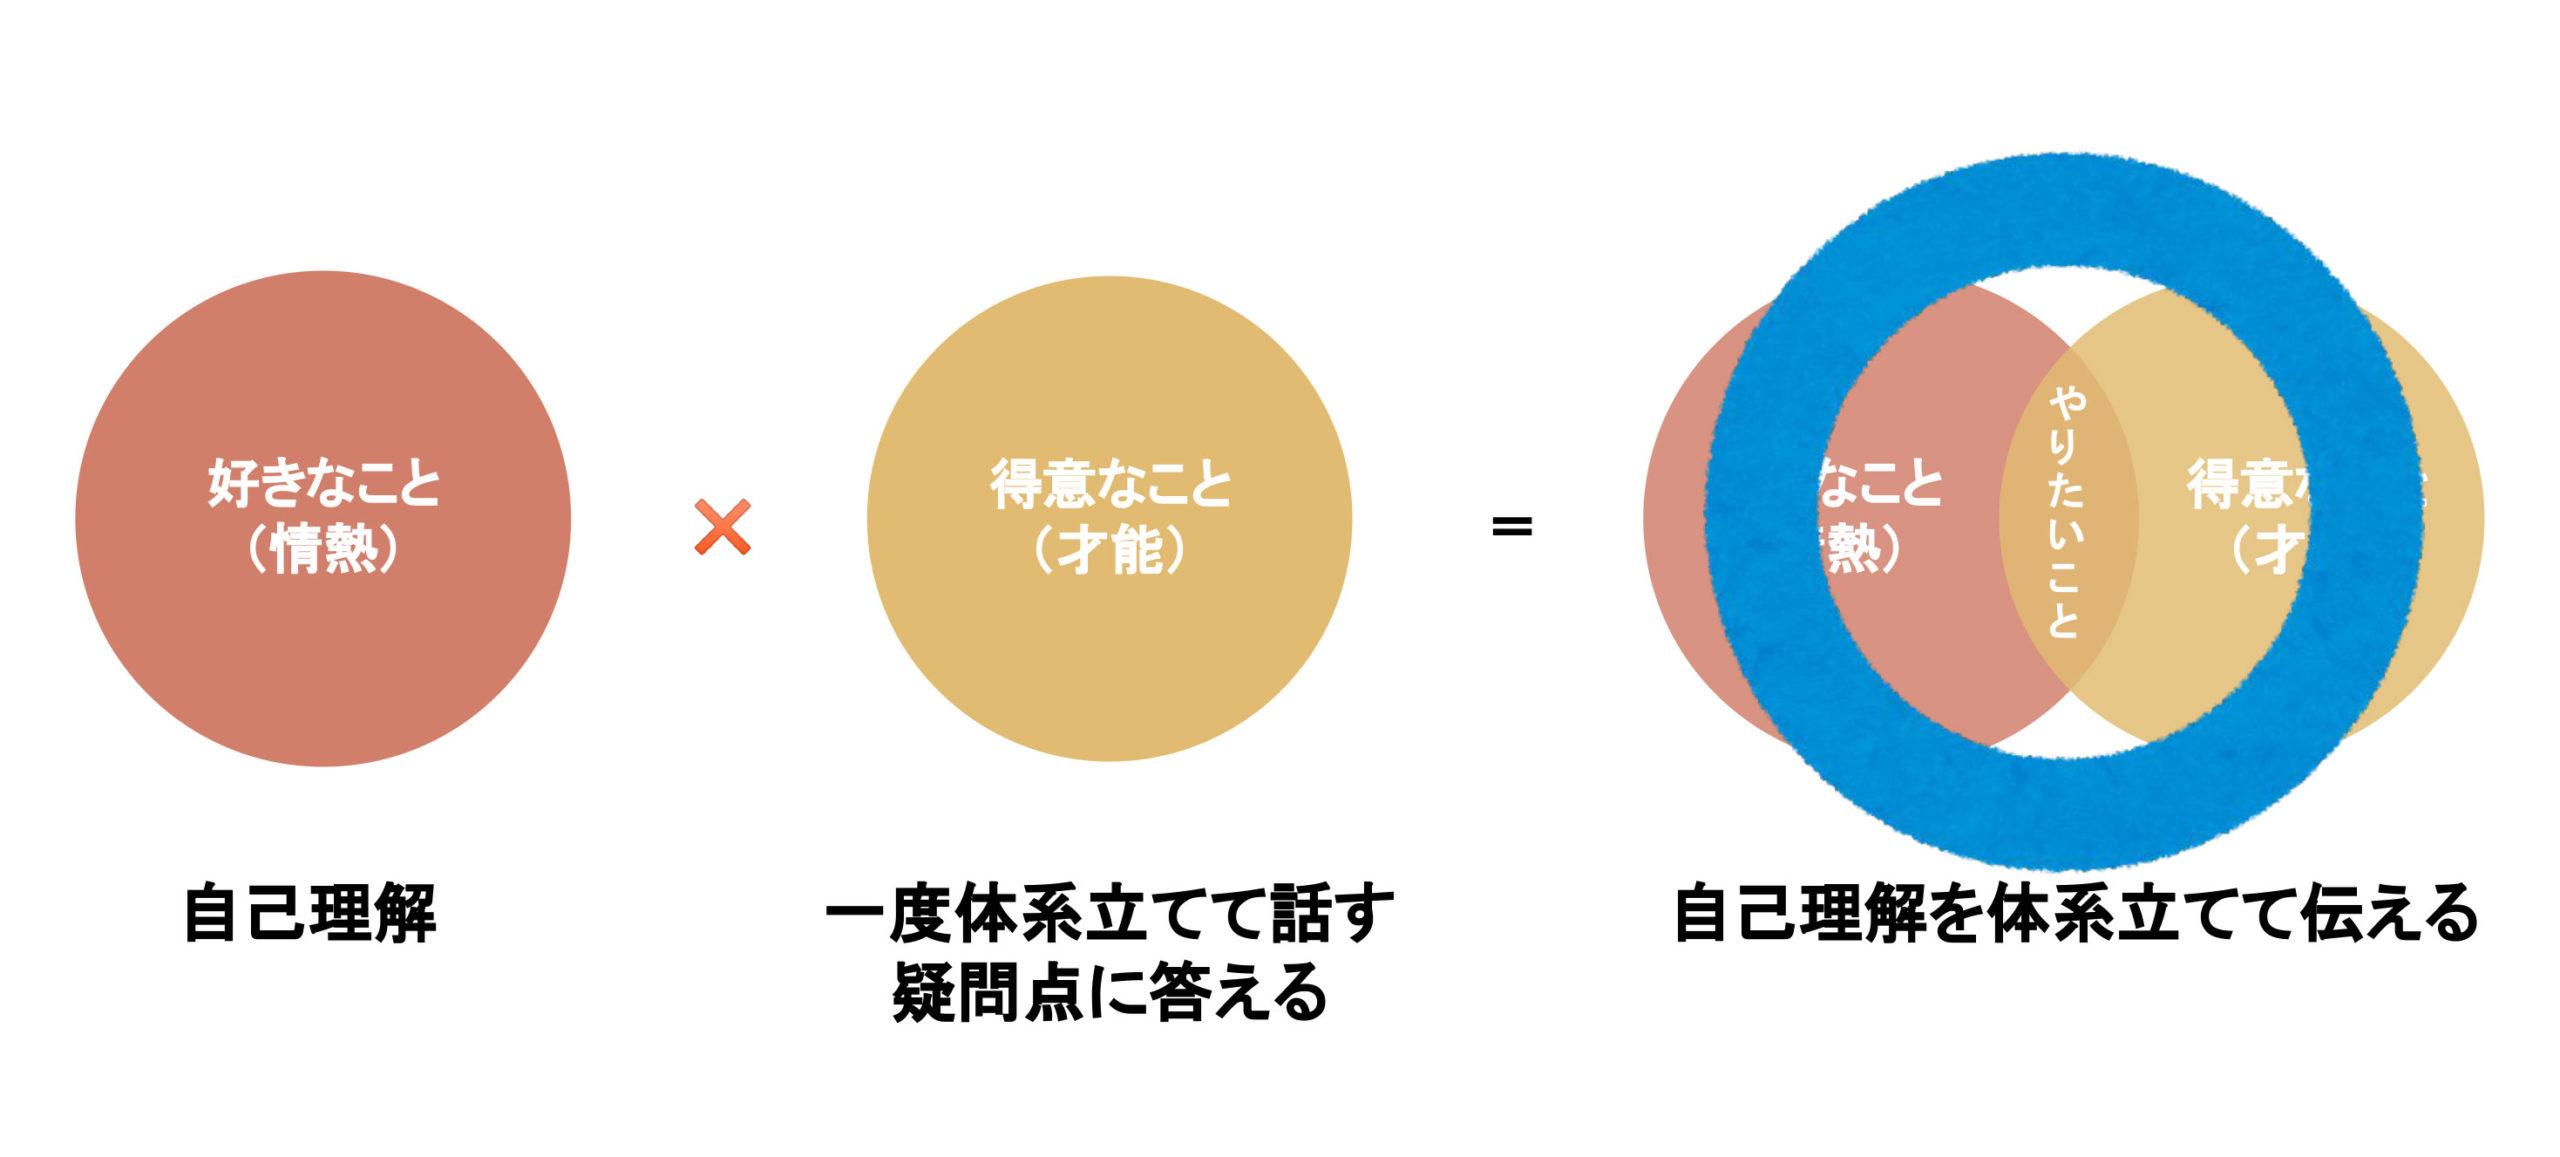 八木仁平䛾働き方3動画プログラム編